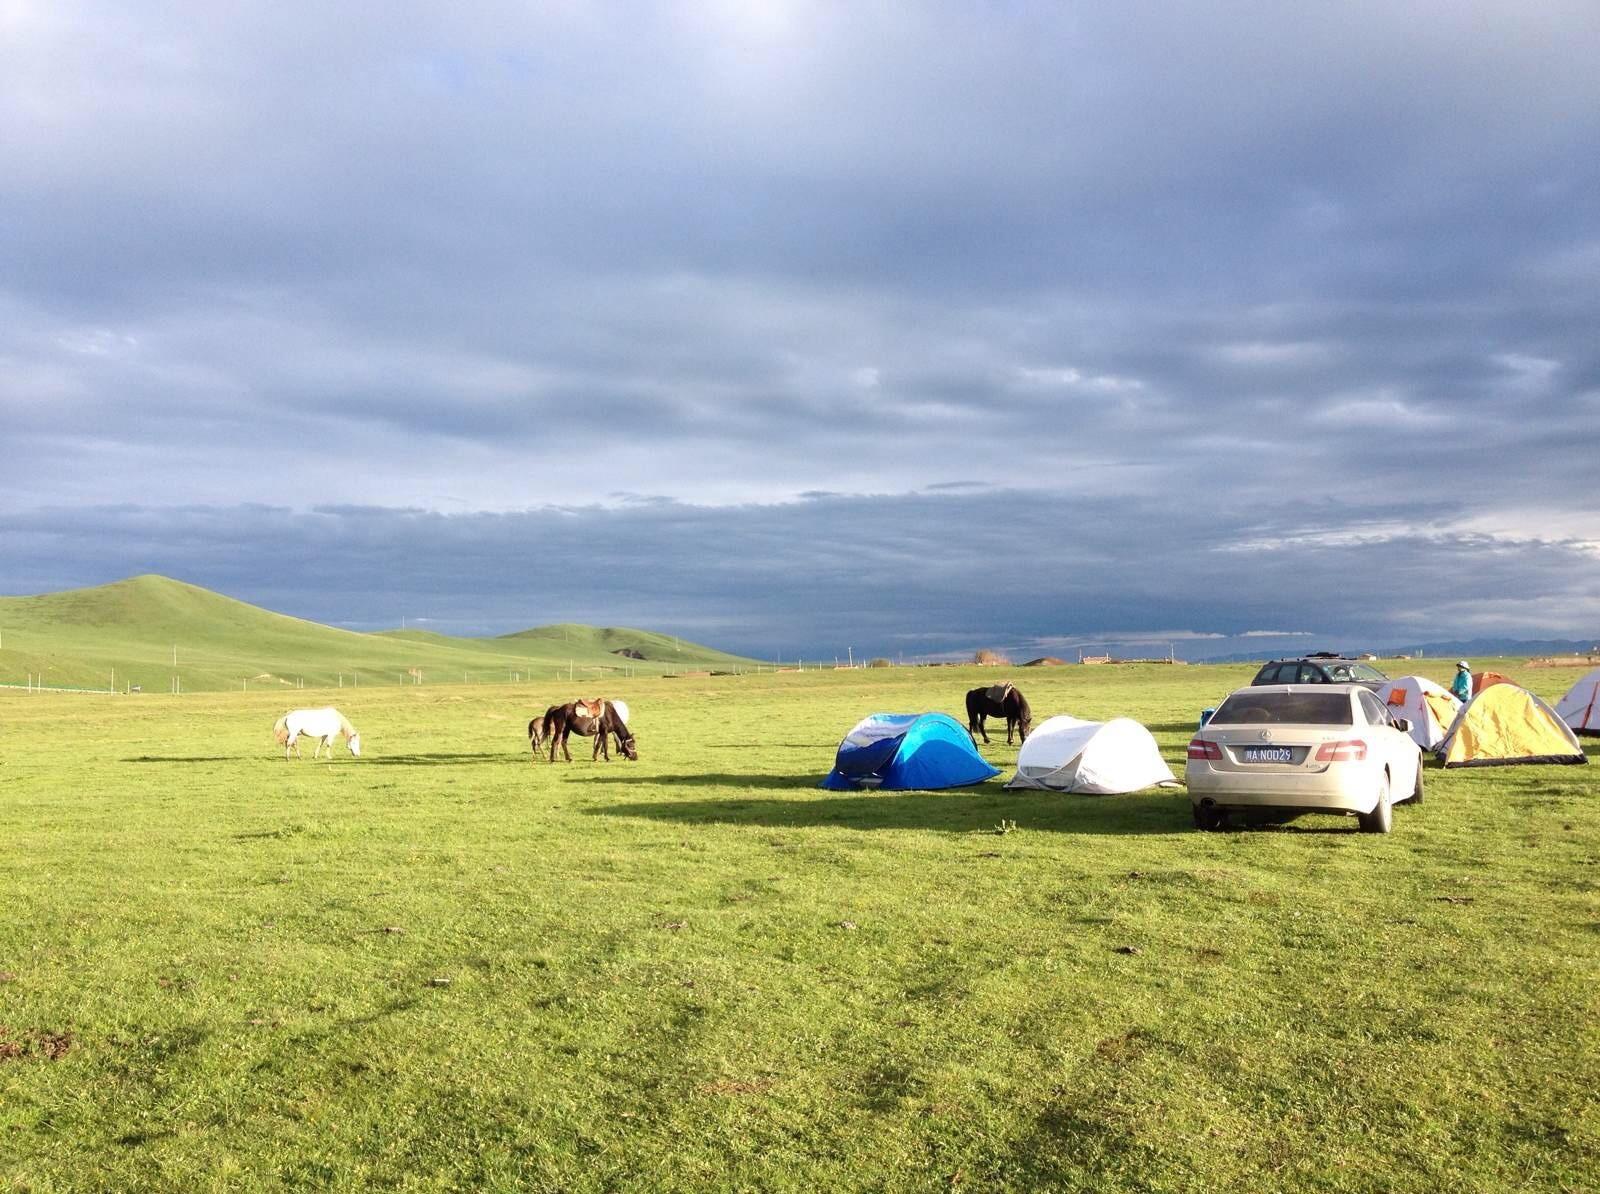 若尔盖年保玉则草原大环线,最美的草原花海